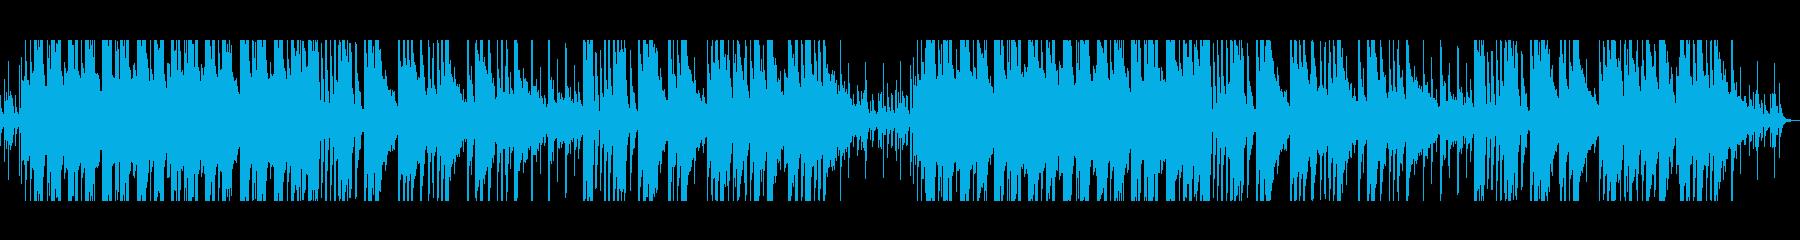 しっとりと甘いムード/ピアノ・ベルの再生済みの波形